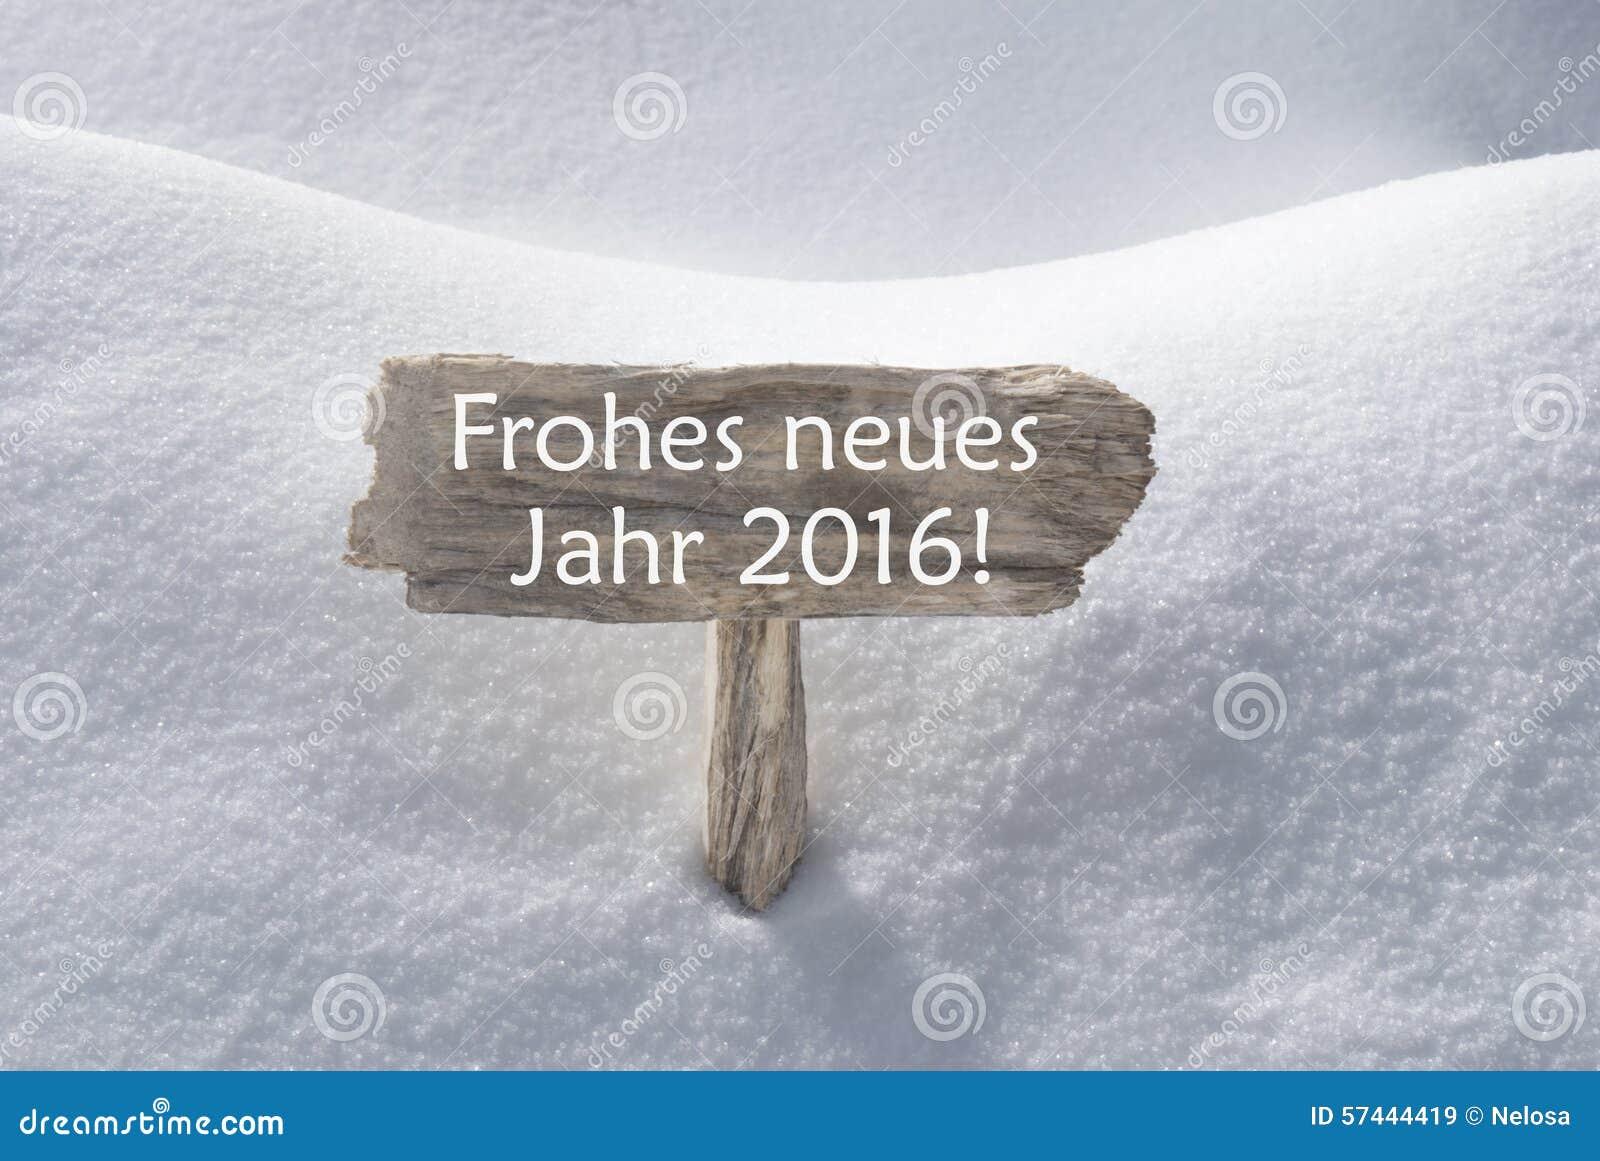 gelukkig nieuwjaar duitse taal